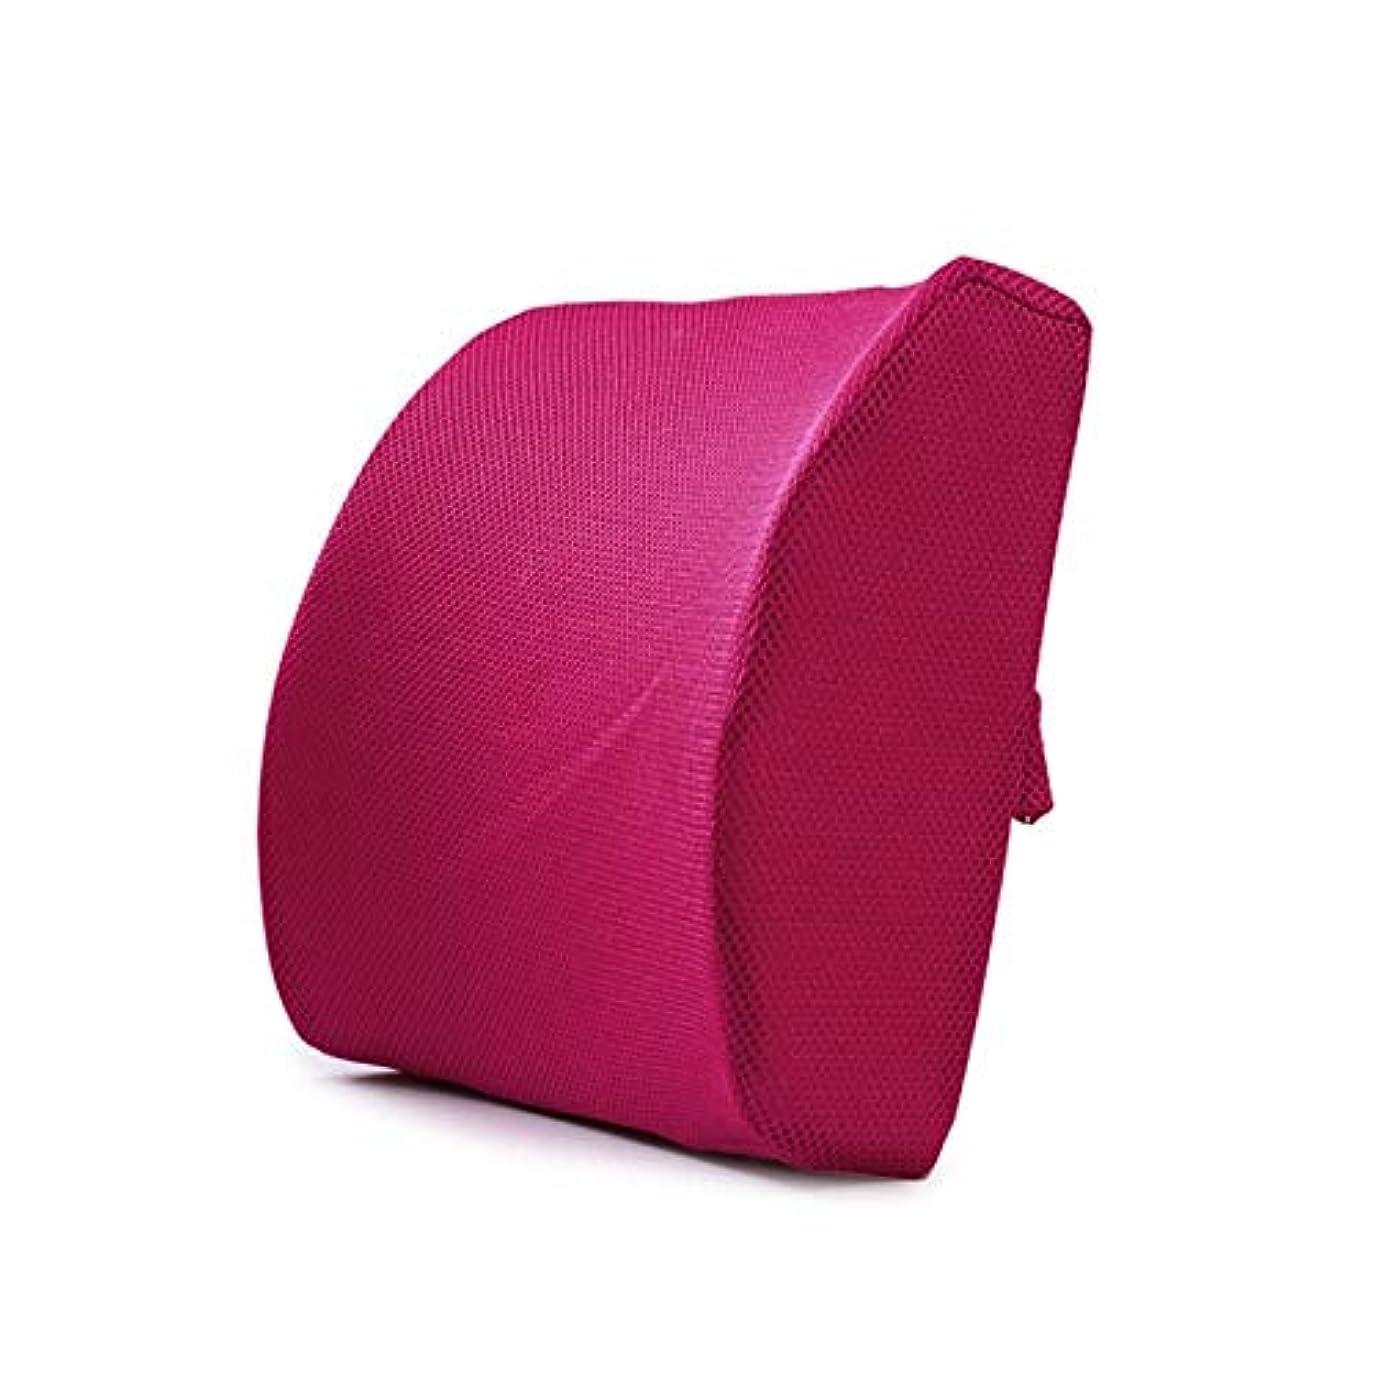 フロント成功する仲間LIFE ホームオフィス背もたれ椅子腰椎クッションカーシートネック枕 3D 低反発サポートバックマッサージウエストレスリビング枕 クッション 椅子